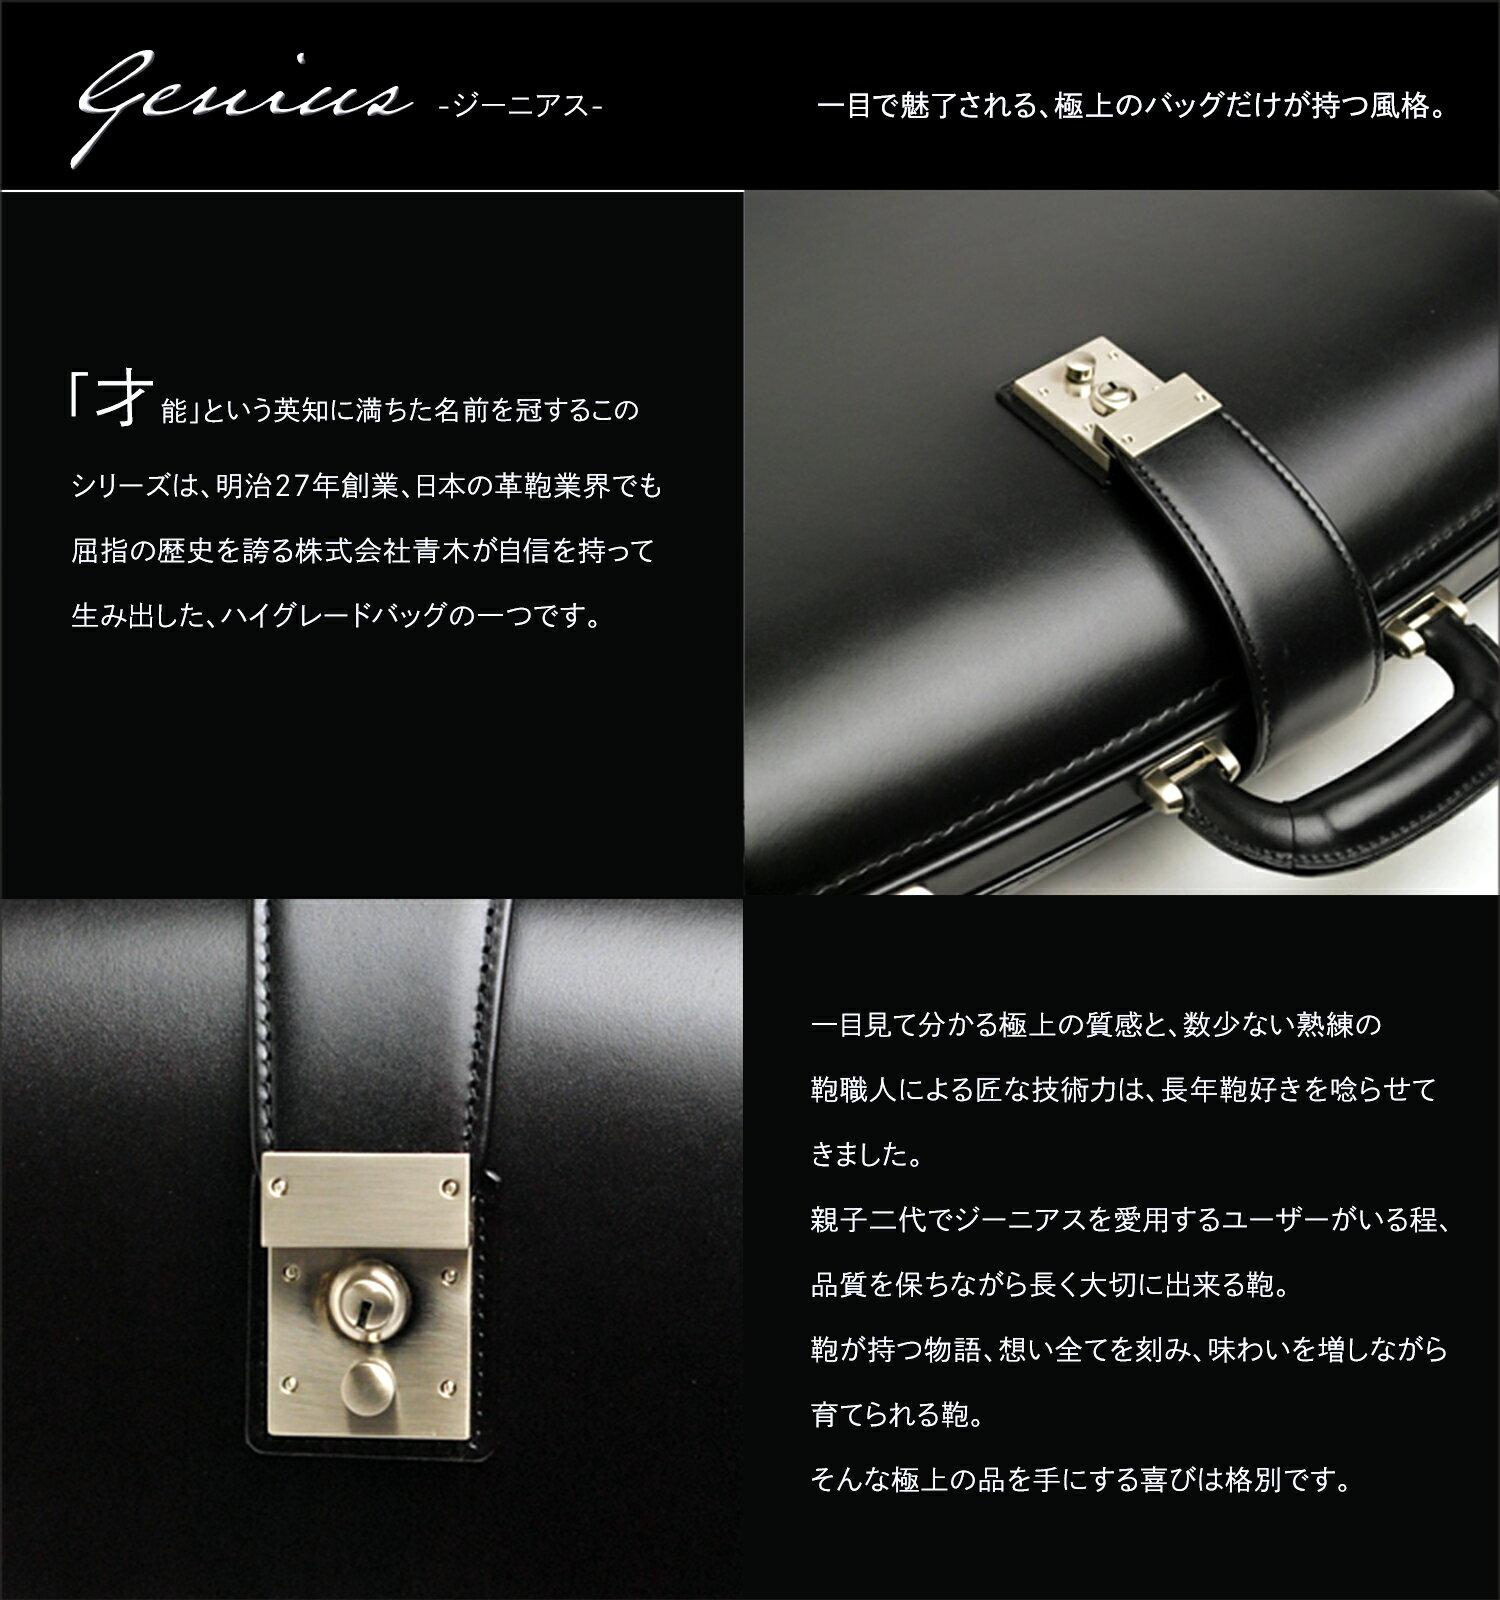 【青木鞄:LuggageAOKI1894】Genius(ジーニアス)日本の職人技術の結晶。牛革ヘビーレタンの気品漂うダレスバッグ<本革>【RCP】10P19Dec15